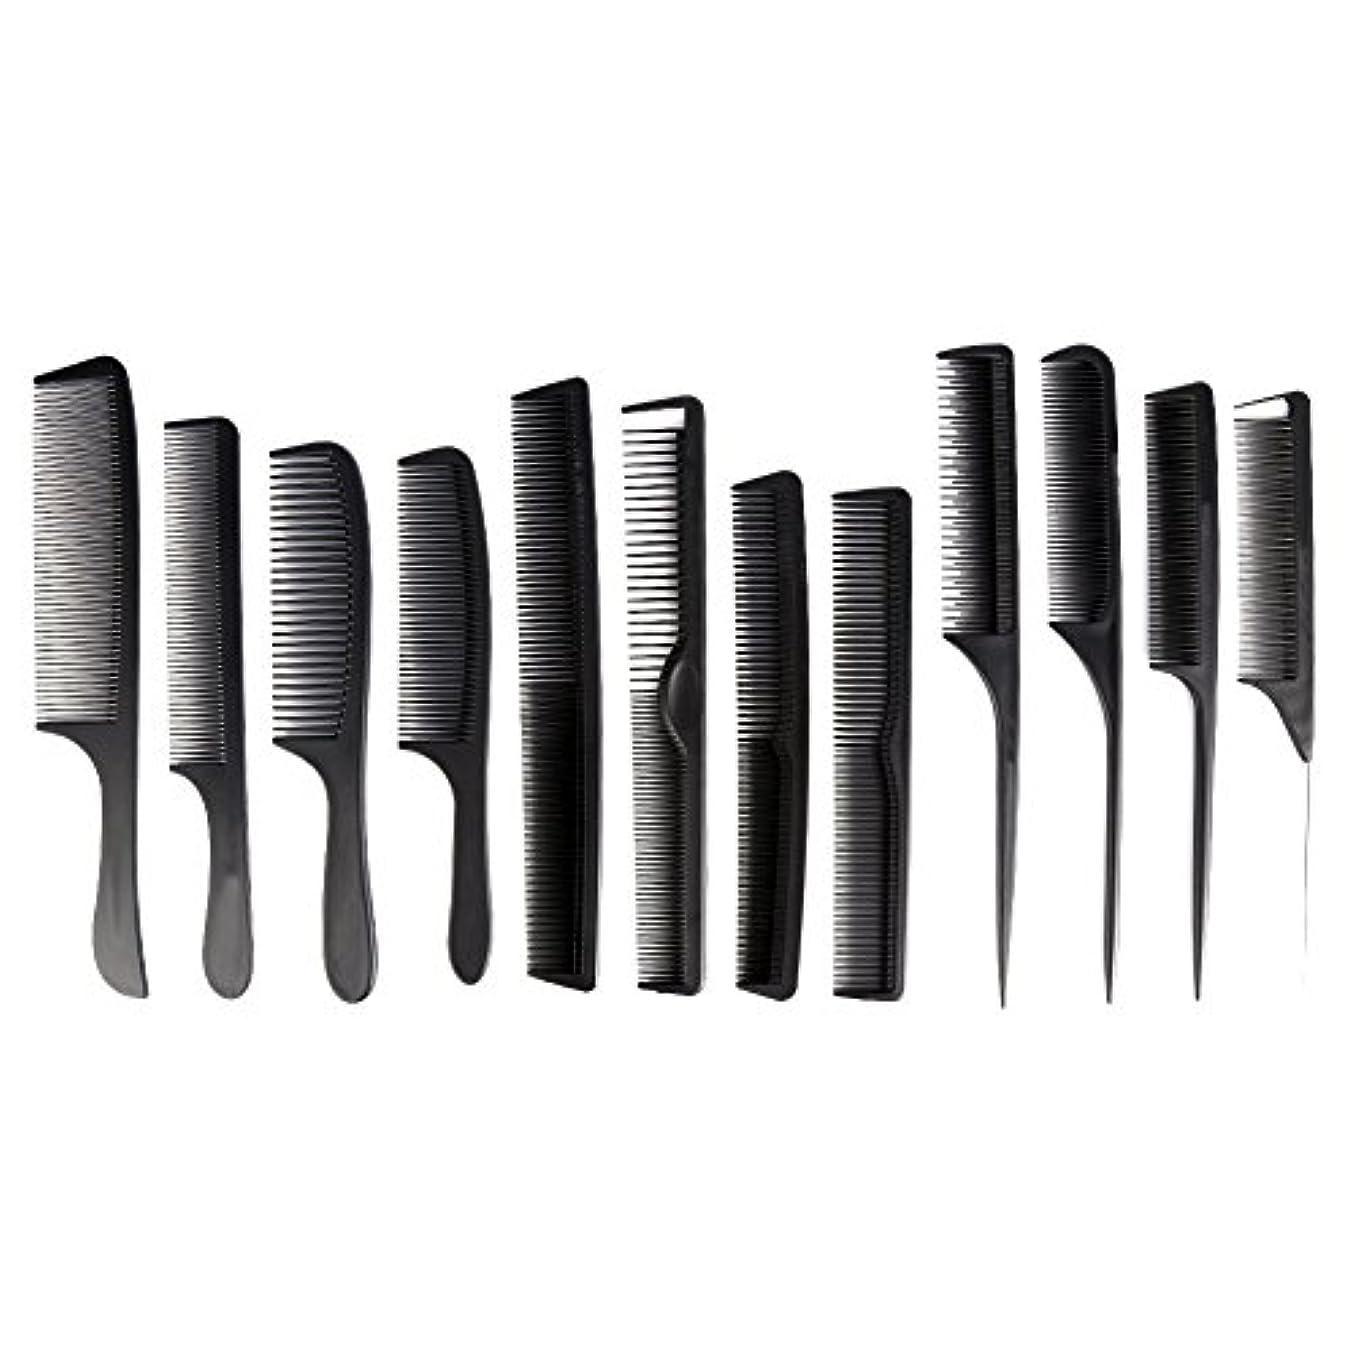 オフセットサンドイッチ時々カットコーム 散髪用コーム コームセット12点セット プロ用ヘアコーム  静電気減少 軽量 サロン/美容室/床屋など適用